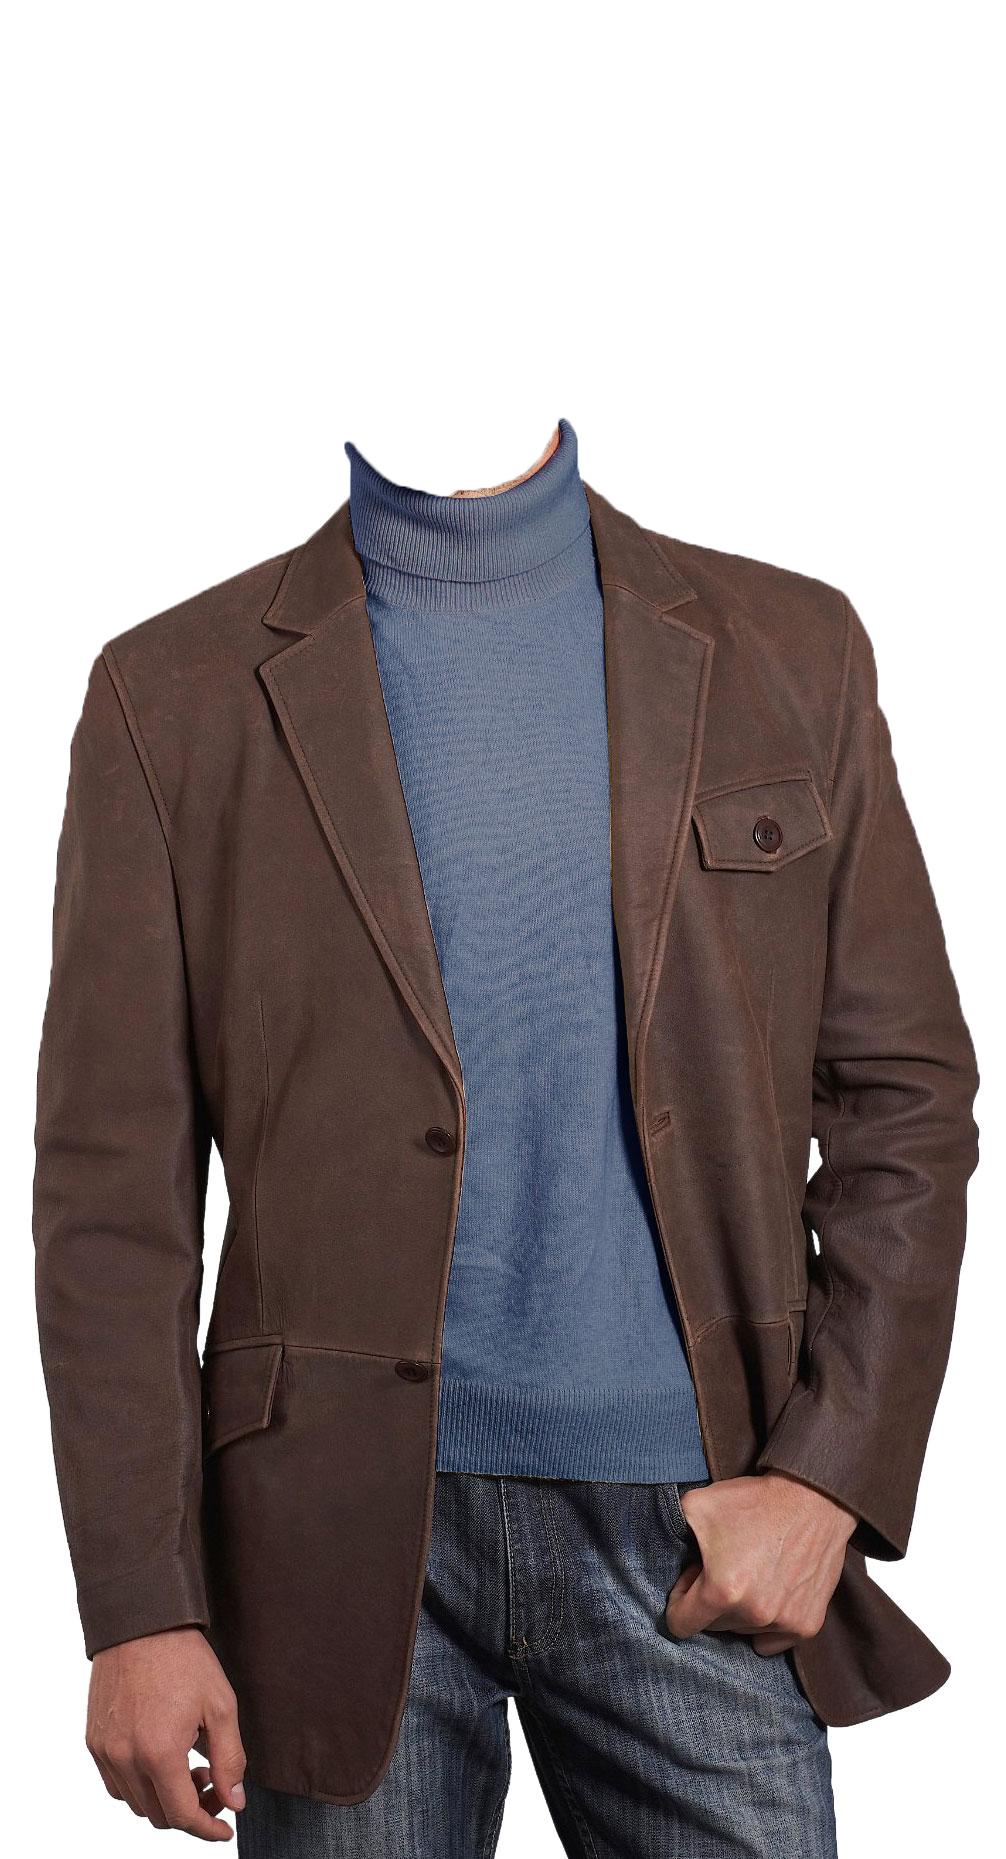 Blazers For Men Pinterest: Stylish Leather Blazer For Men